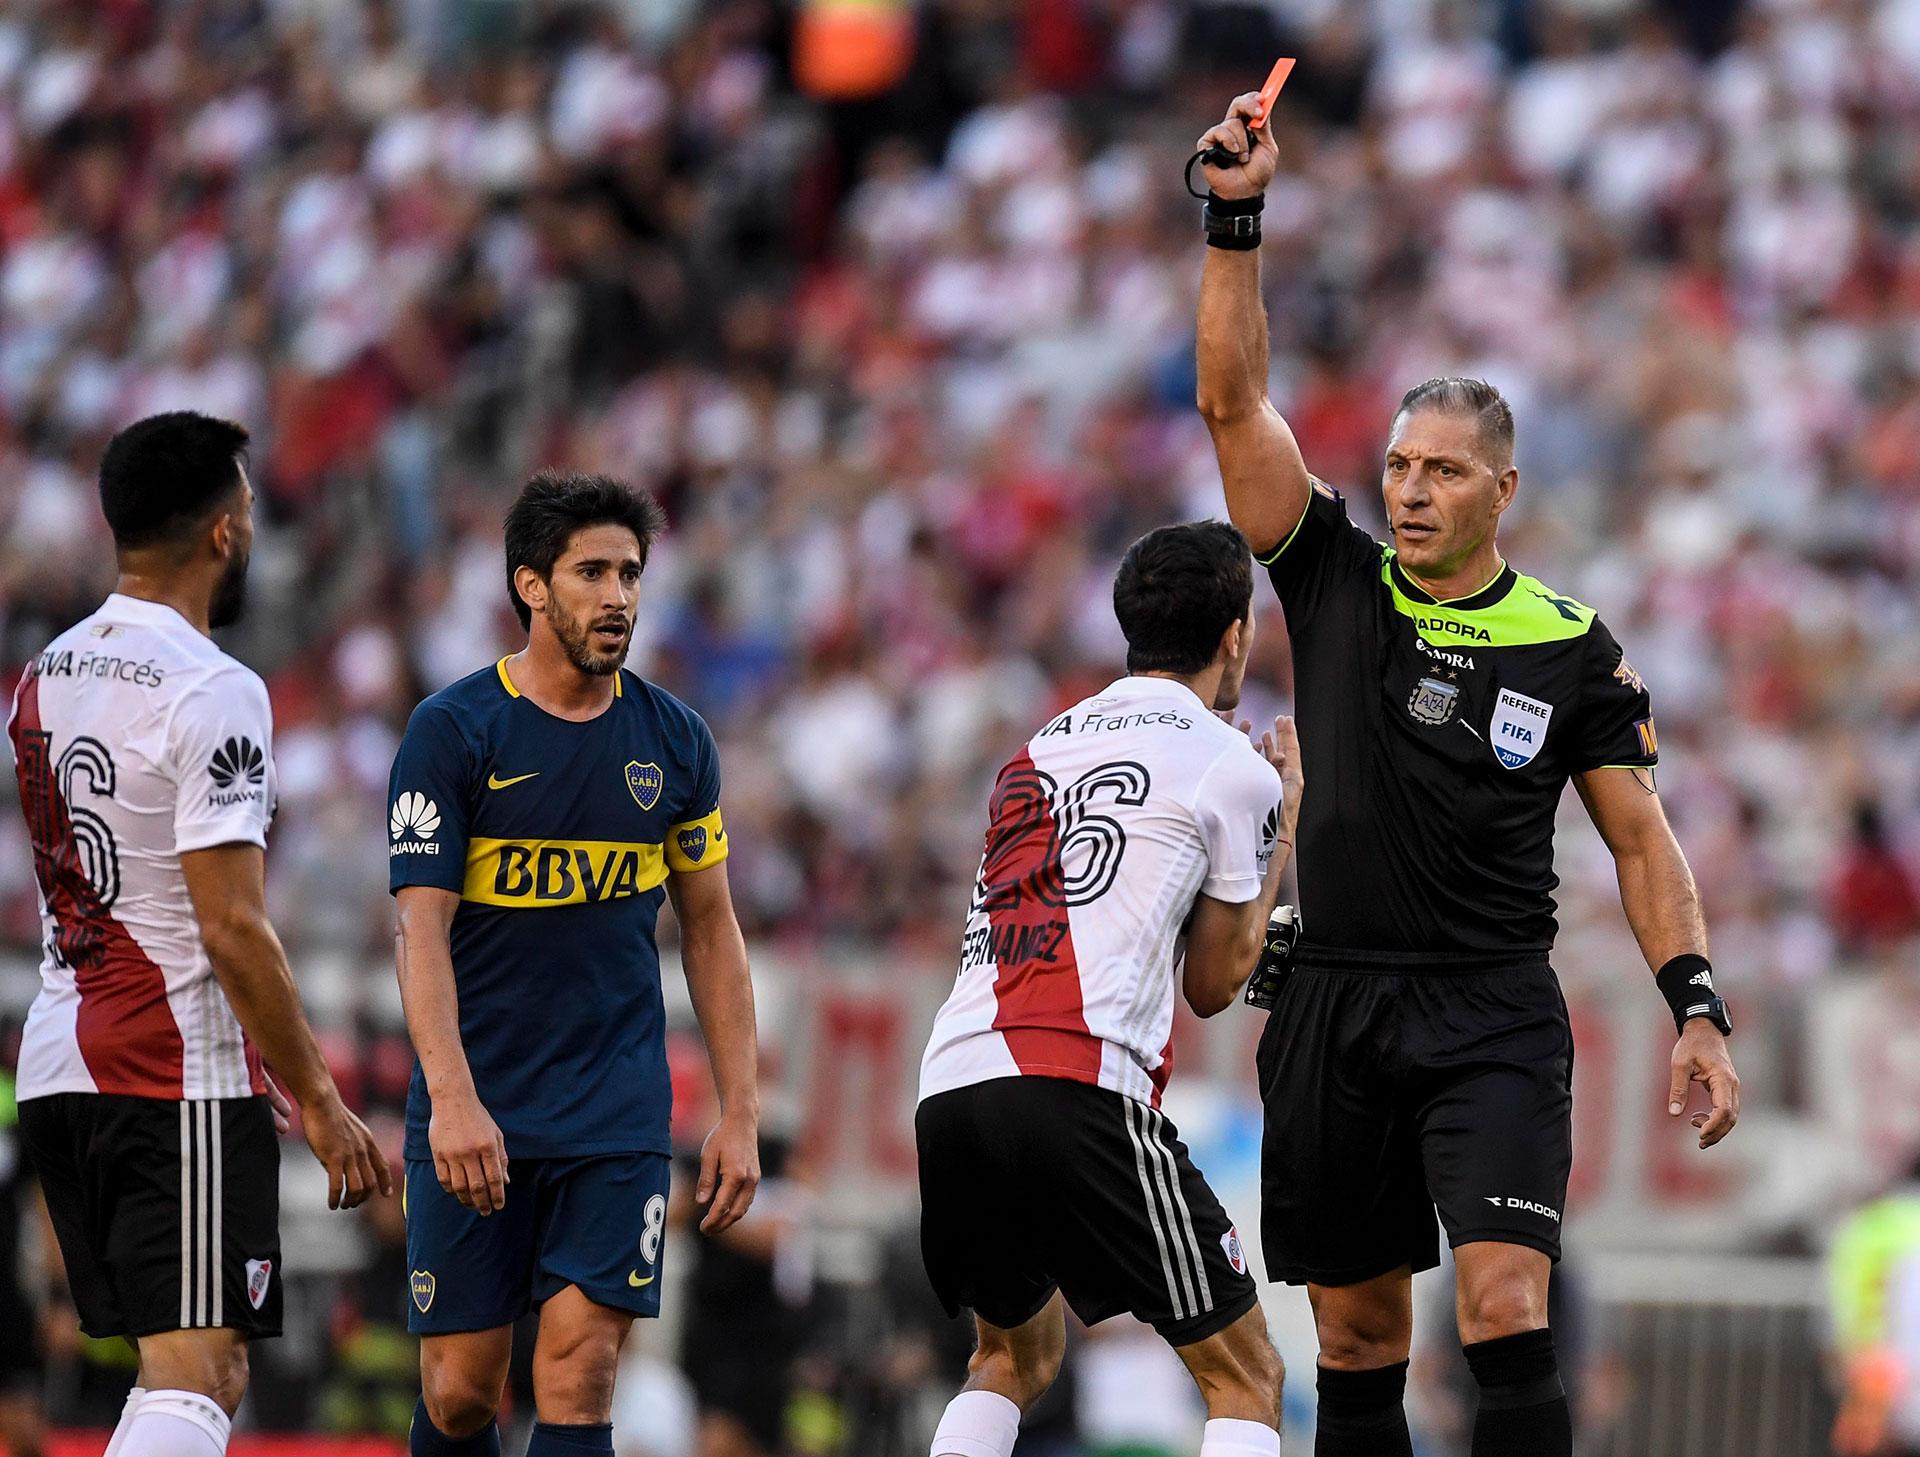 Nacho Fernández discute en vano. La roja que le mostró el árbitro Néstor Pitana por su planchazo a Cardona fue indiscutible